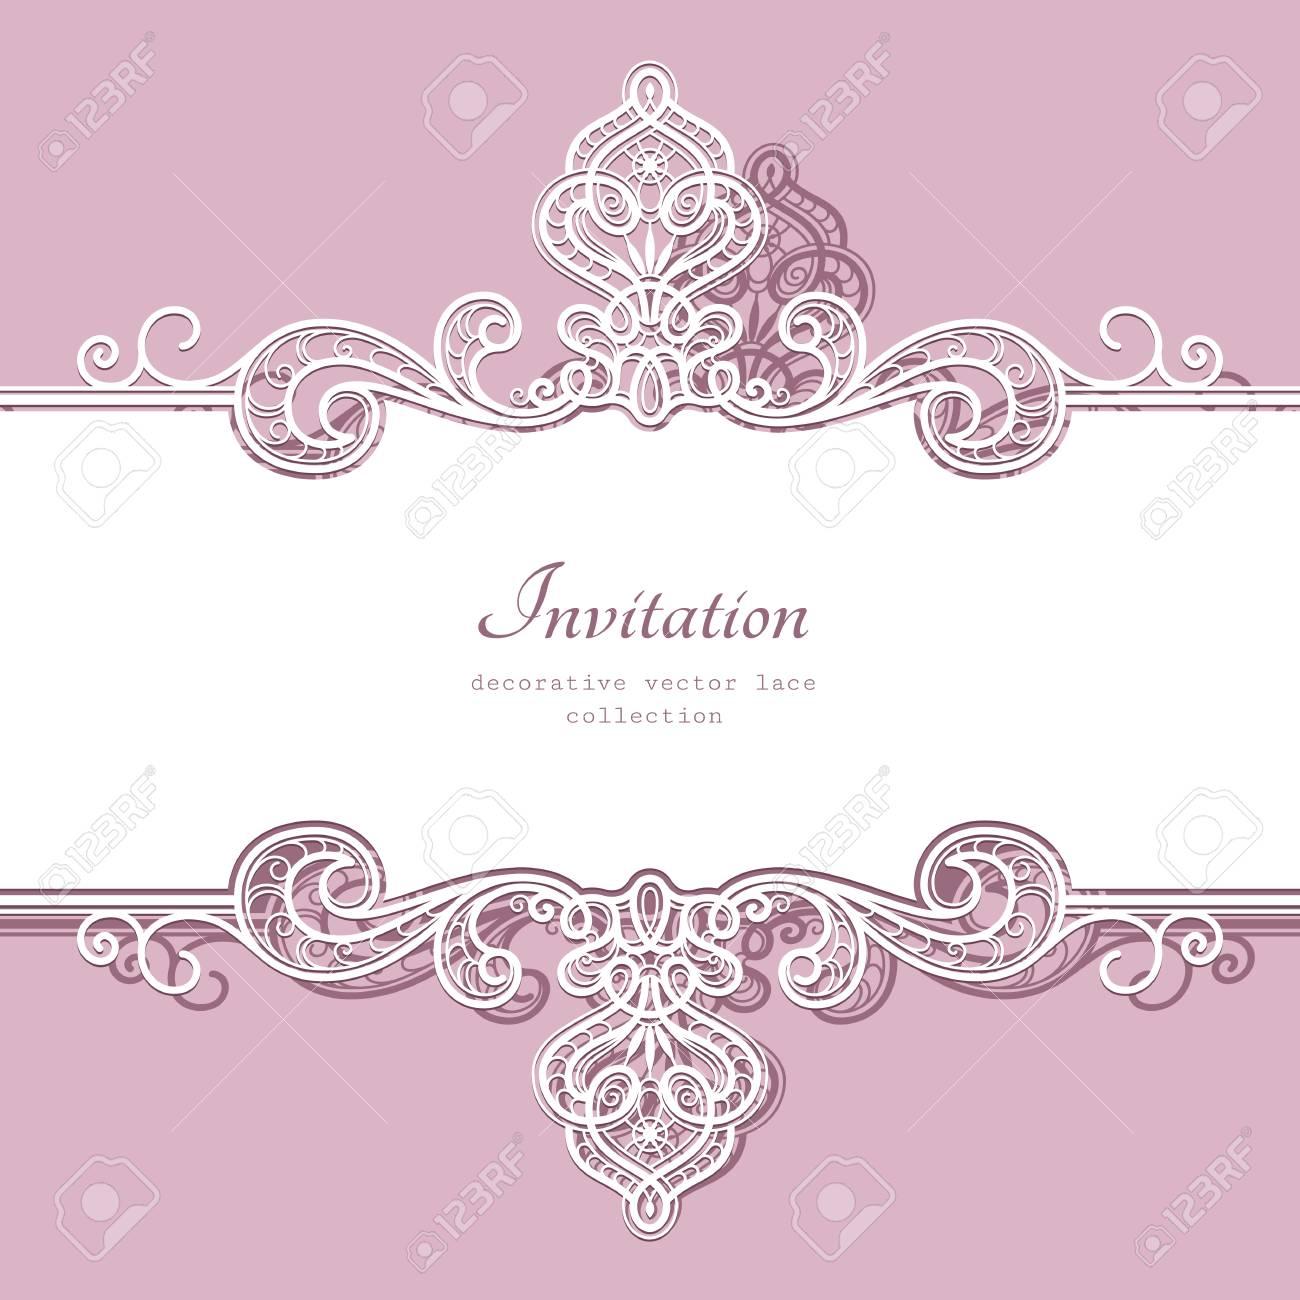 Fondo Elegante Con El Ornamento Del Cordón Fronterizo, Divisor ...